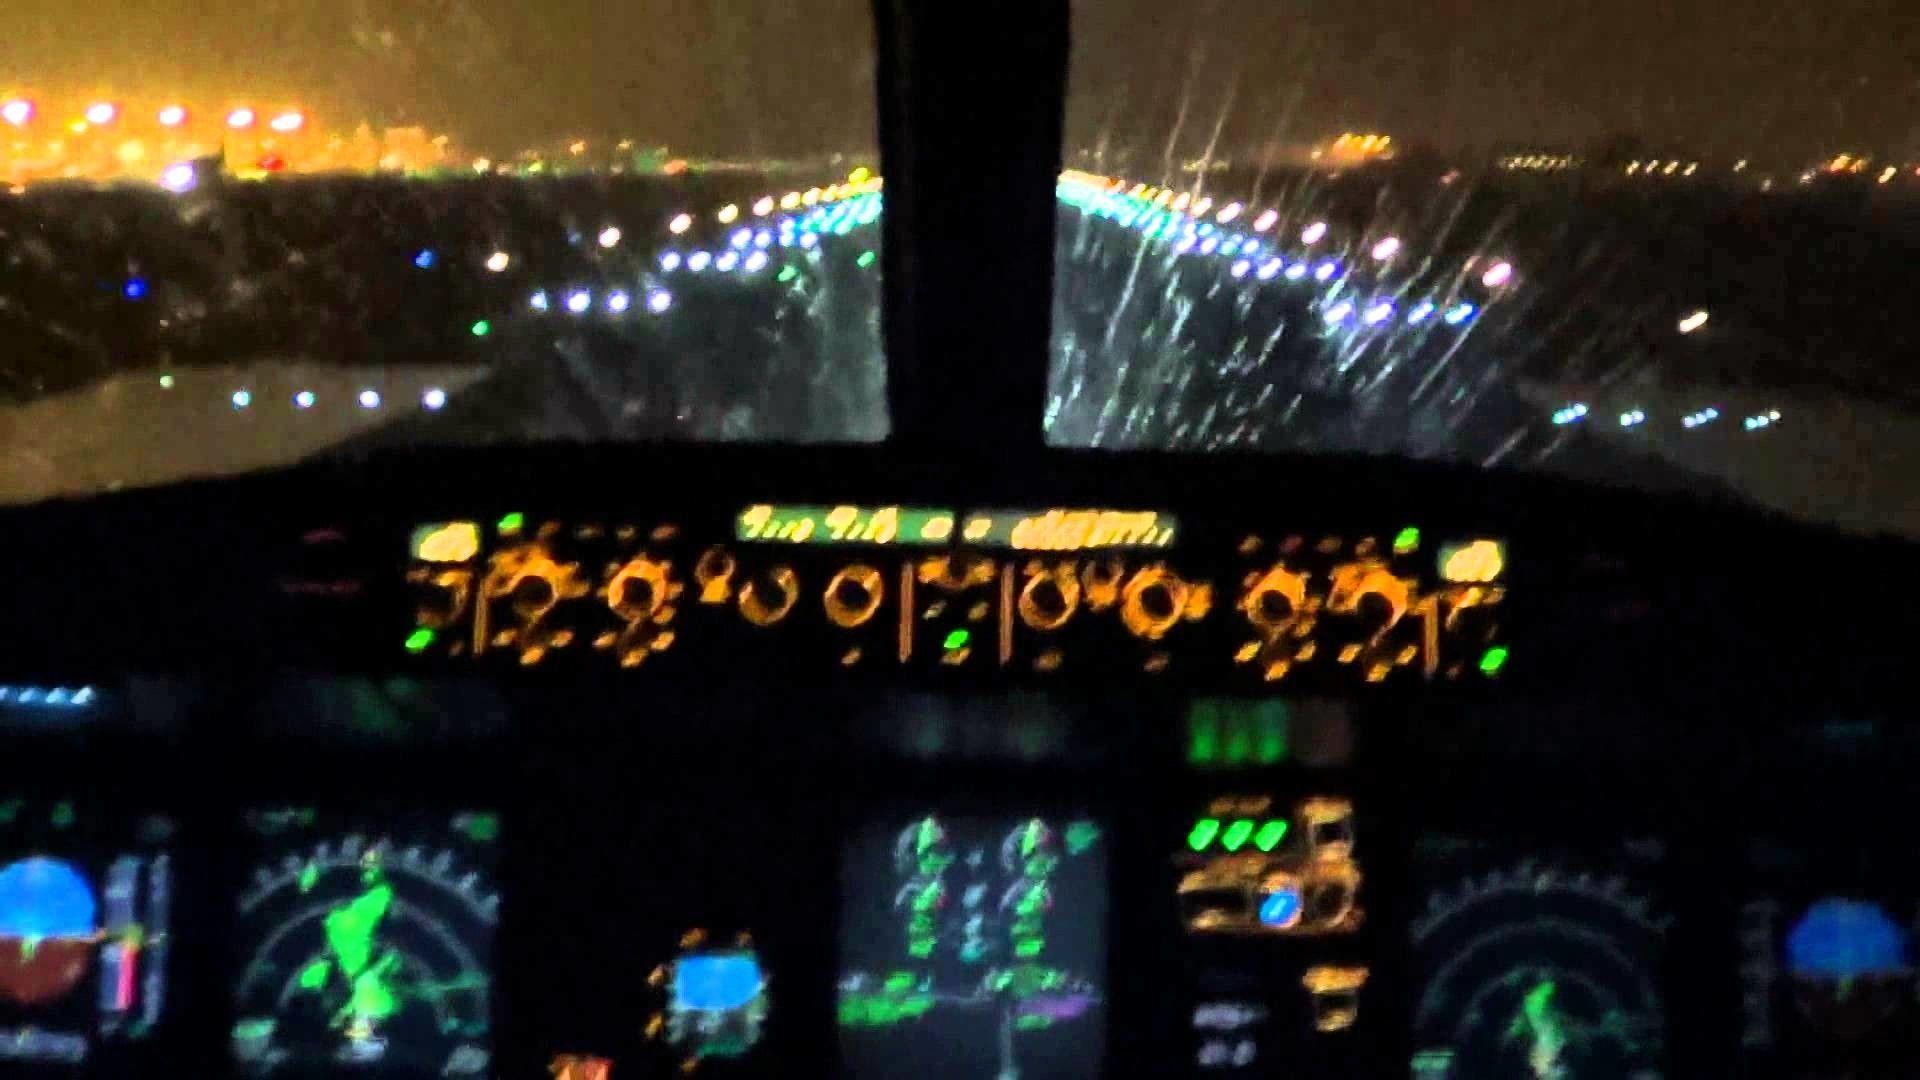 Airbus A380 Cockpit Wallpaper 68